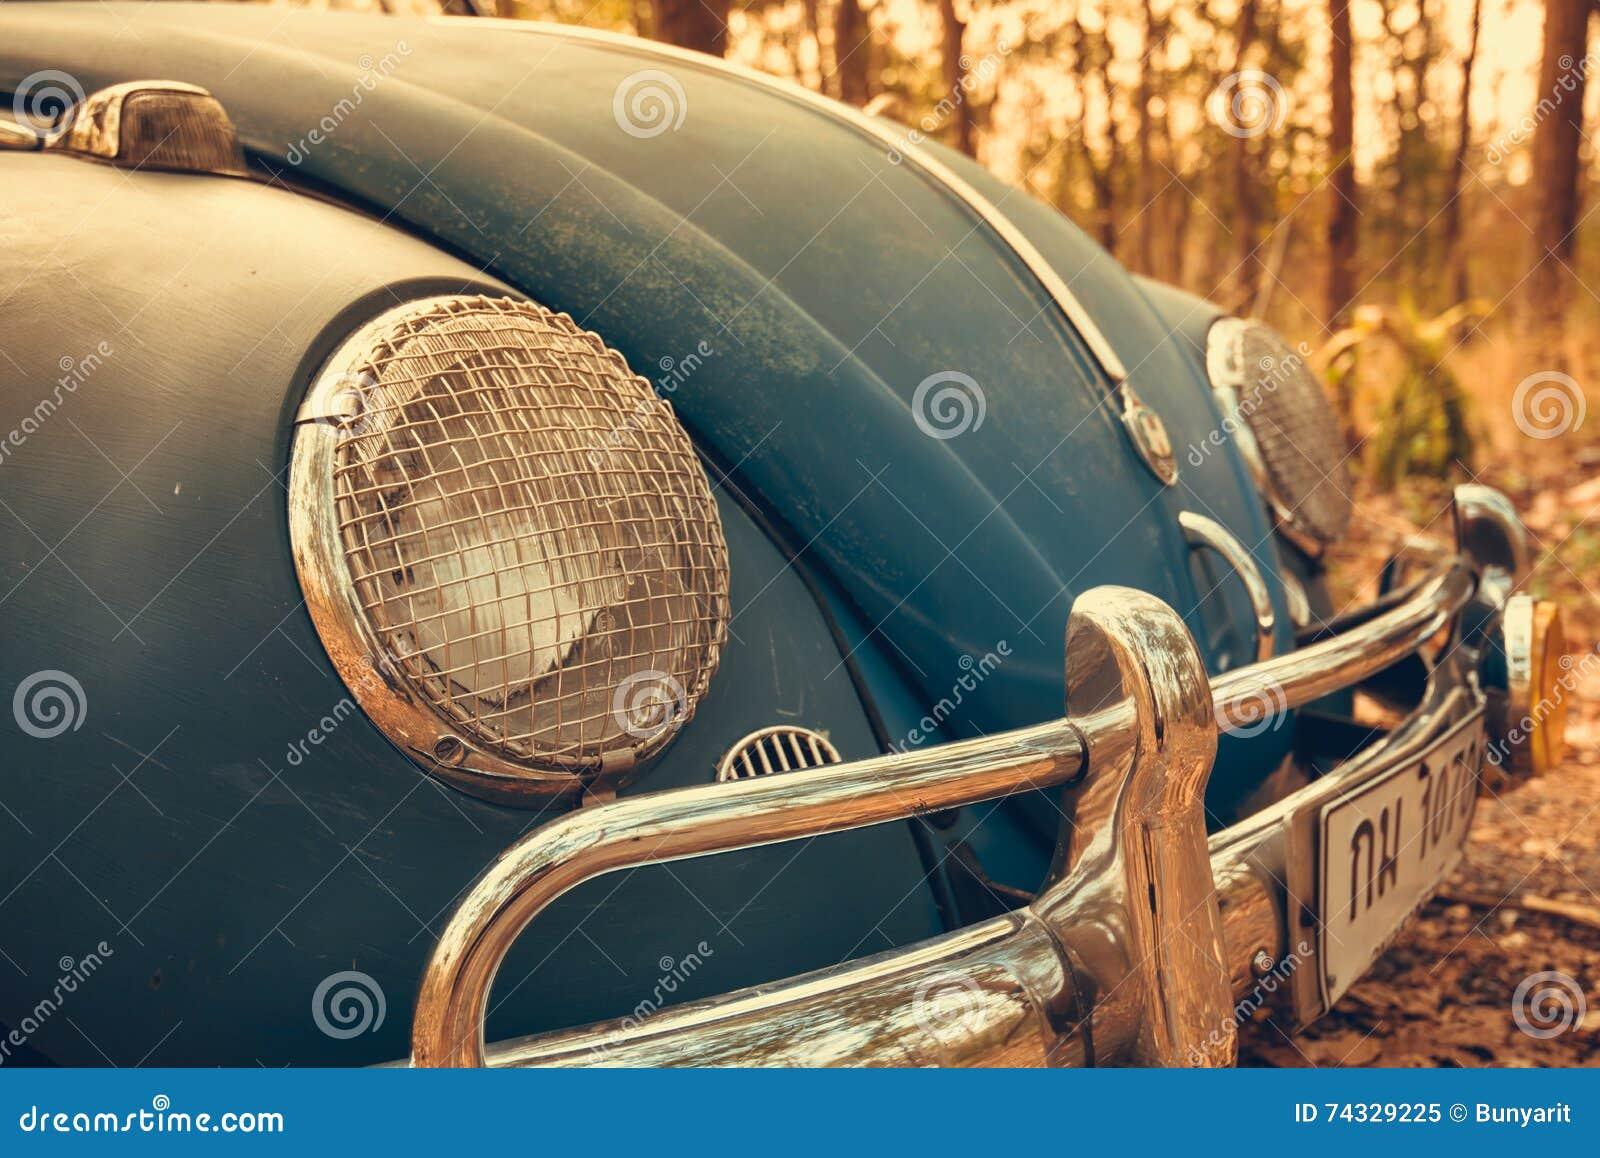 εκλεκτής ποιότητας αναδρομικό μπλε χρώμα του Volkswagen αυτοκινήτων στα δασικά φύλλα καφετιά